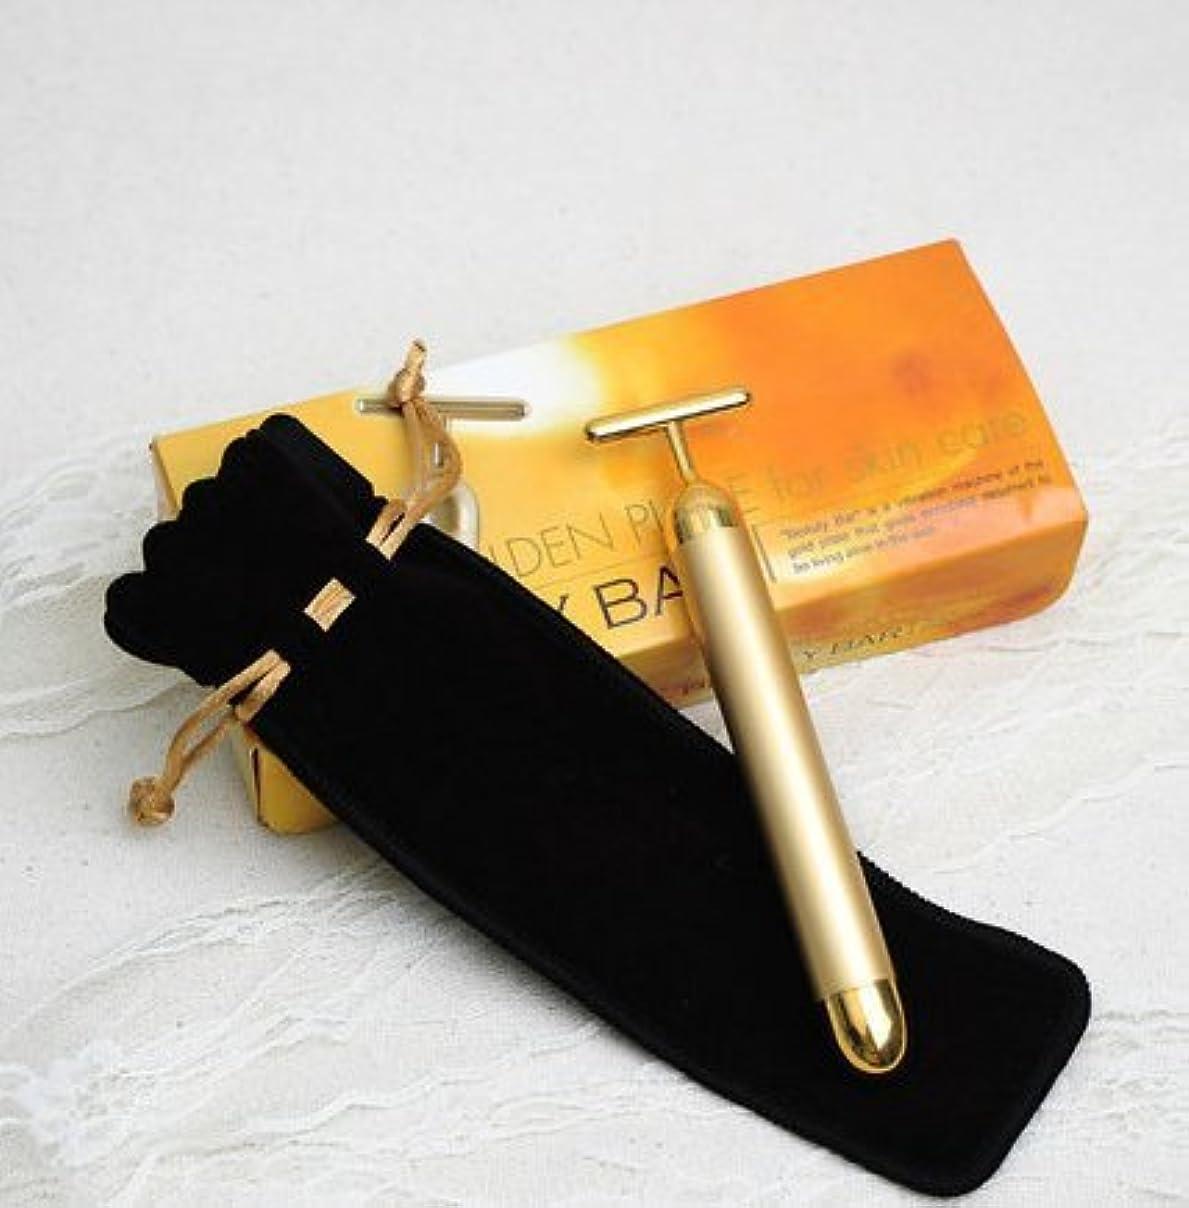 休戦栄光ログエムシービケン ビューティーバー Beauty Bar 24K 日本製 シリアルナンバー付 正規品+角質ケアサンプル5pc